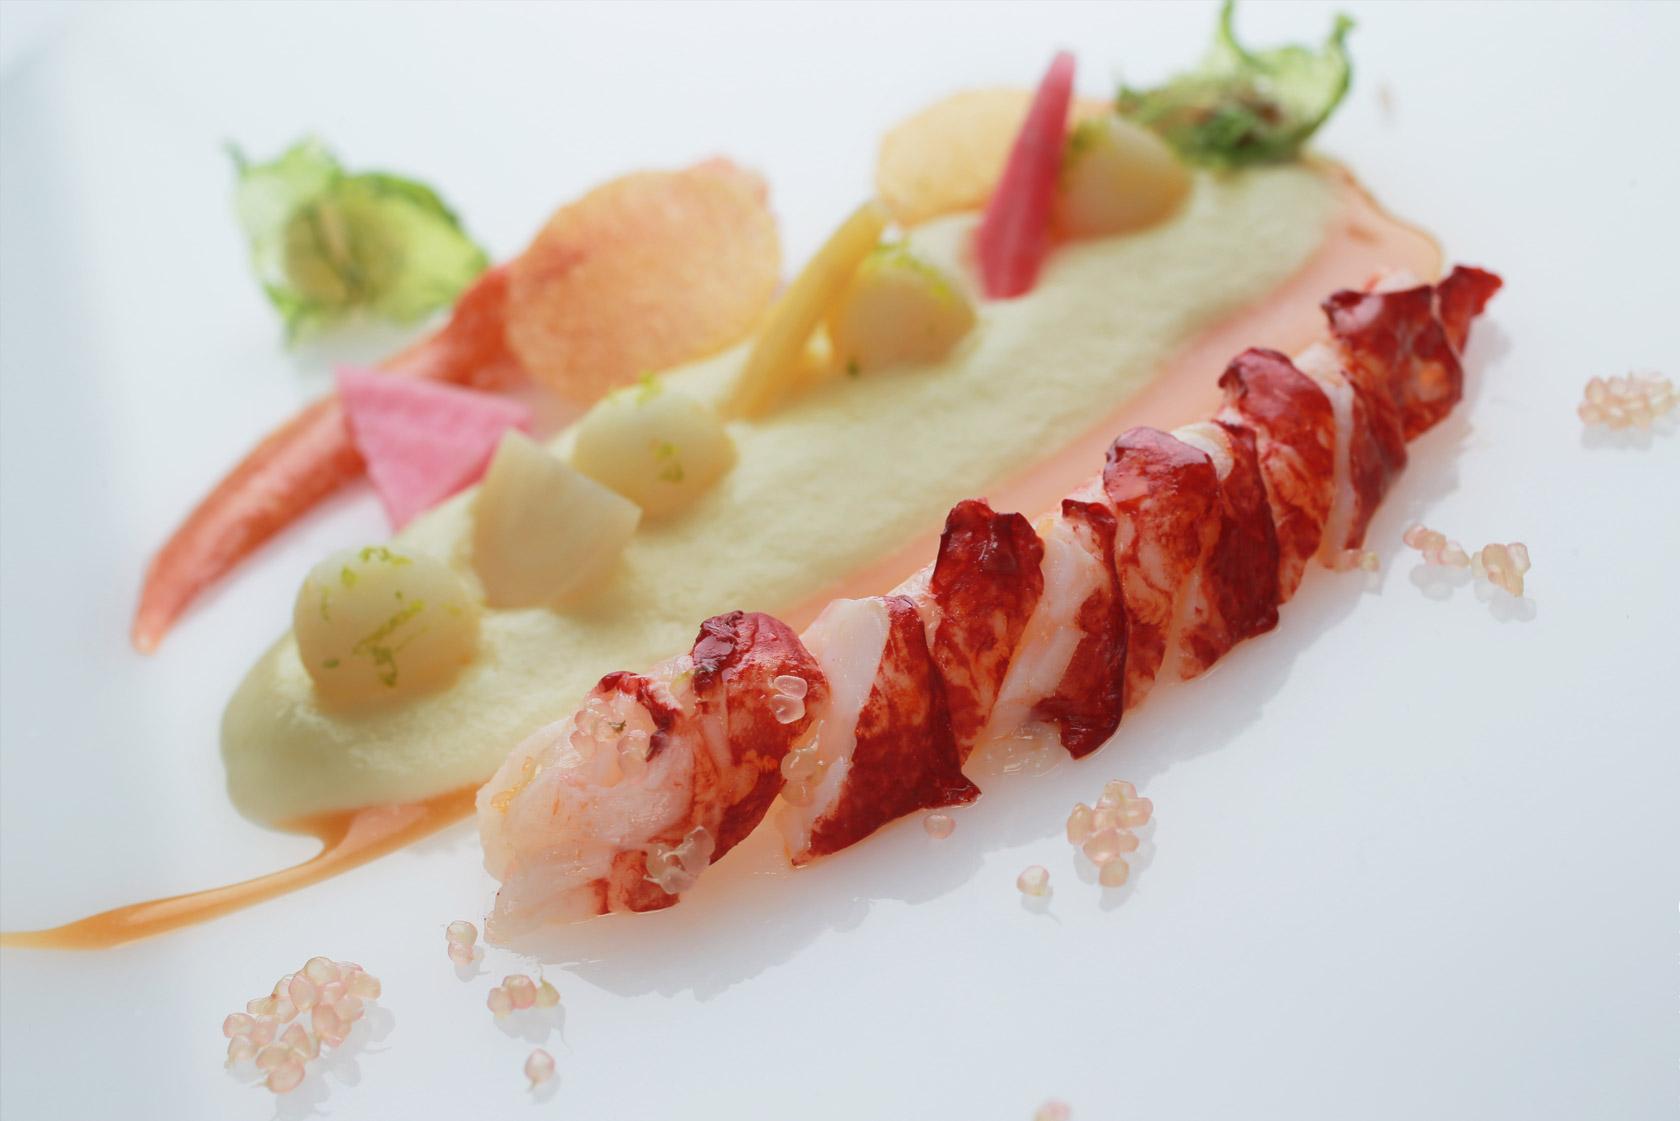 arnolfo_gaetano-trovato-chef-evoluzioni-contemporanee-6